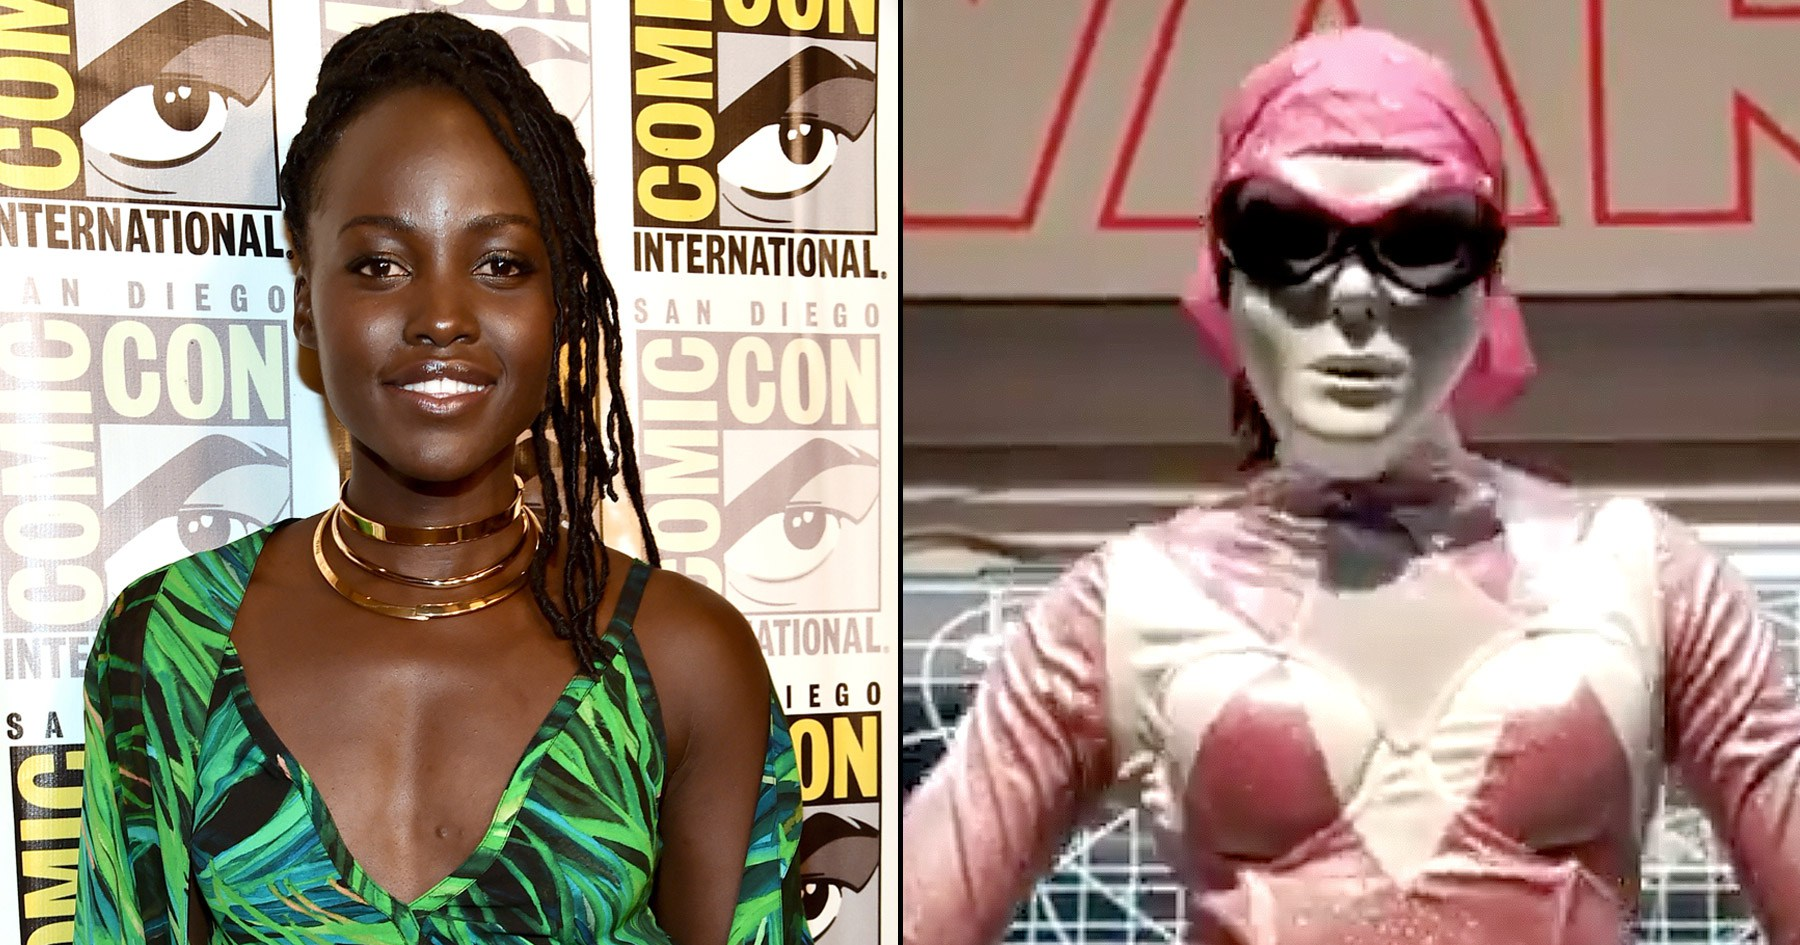 Lupita Nyong'o Was a Pink Power RANGER at Comic-Con image